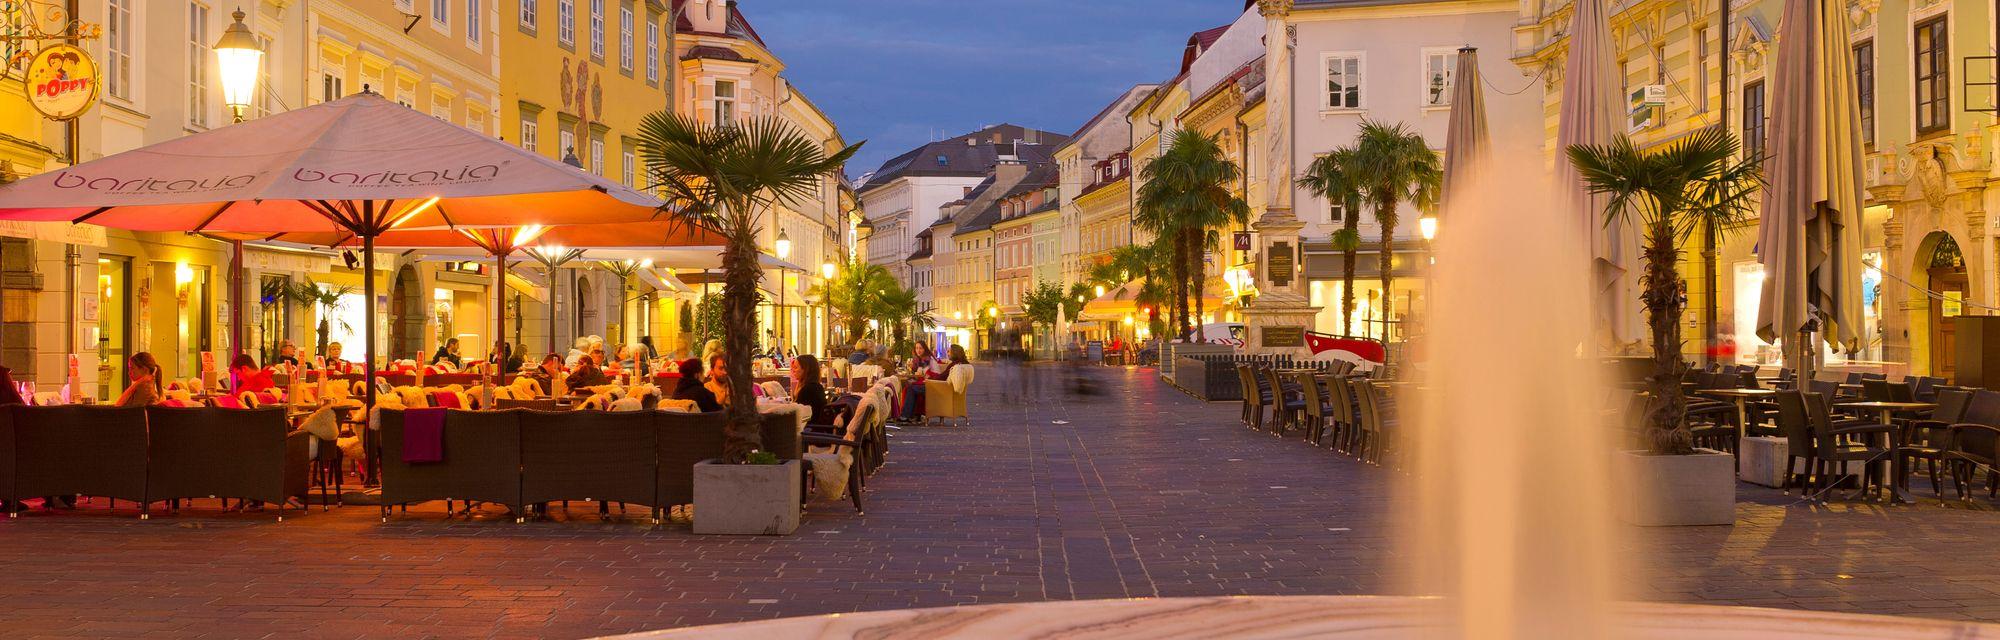 Klagenfurt am Wörthersee | ©Kärnten Werbung/Franz Gerdl